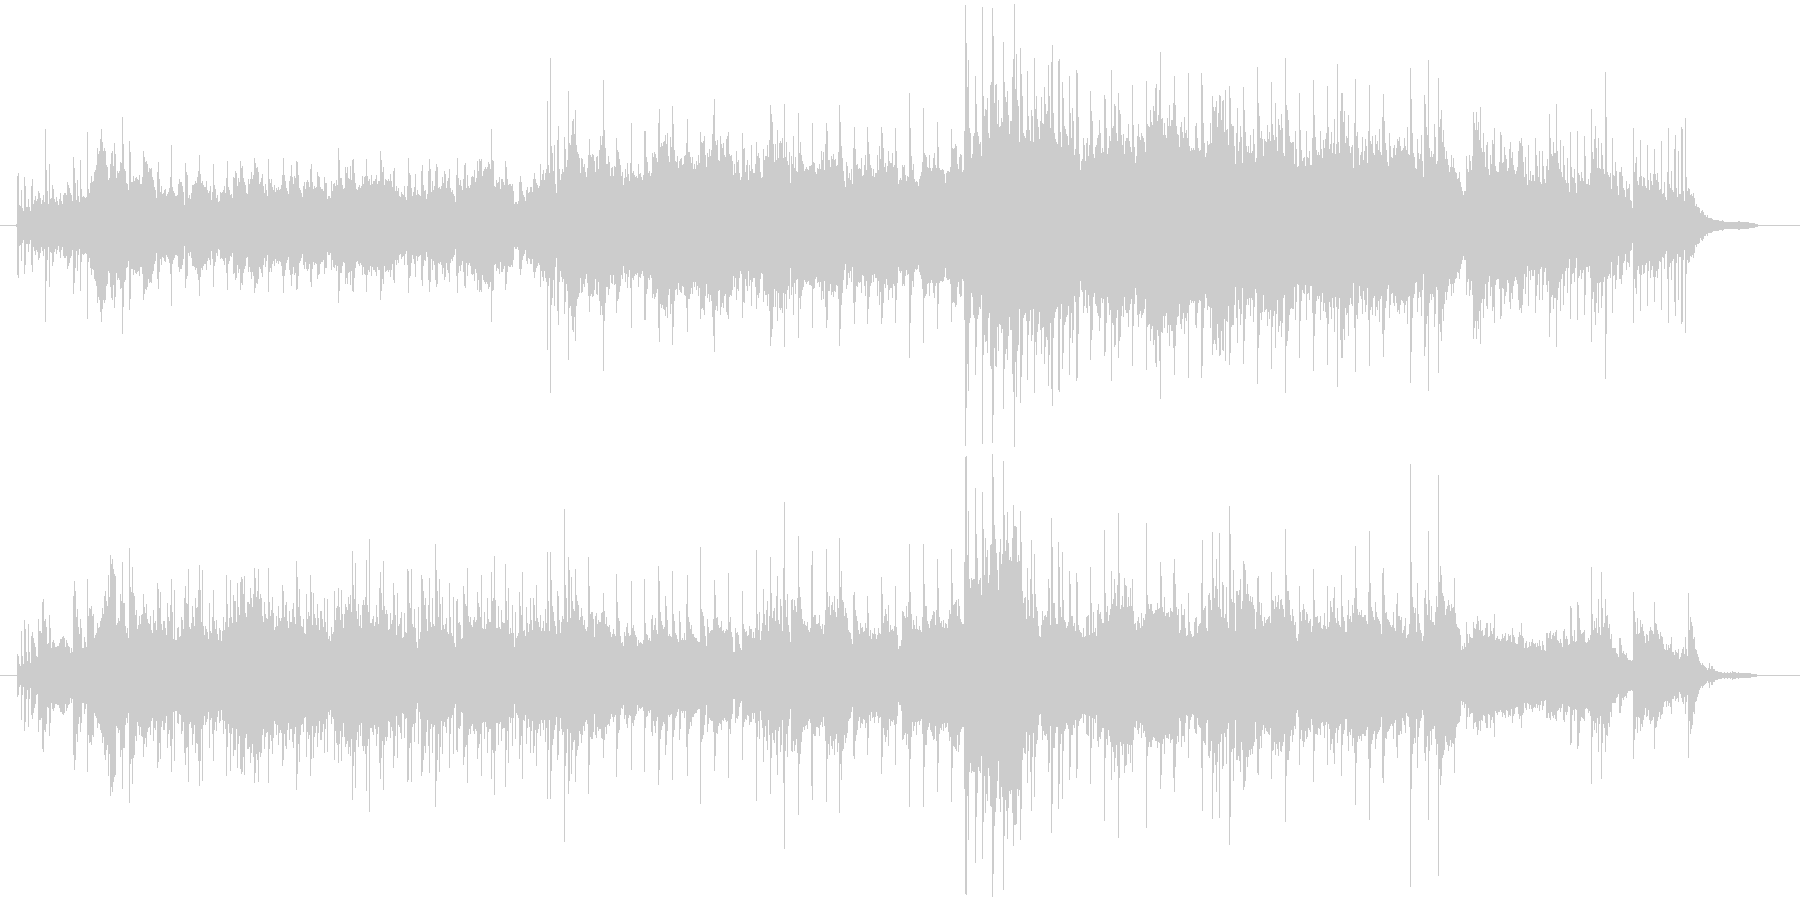 音色が綺麗で幻想的なメロディーの未再生の波形